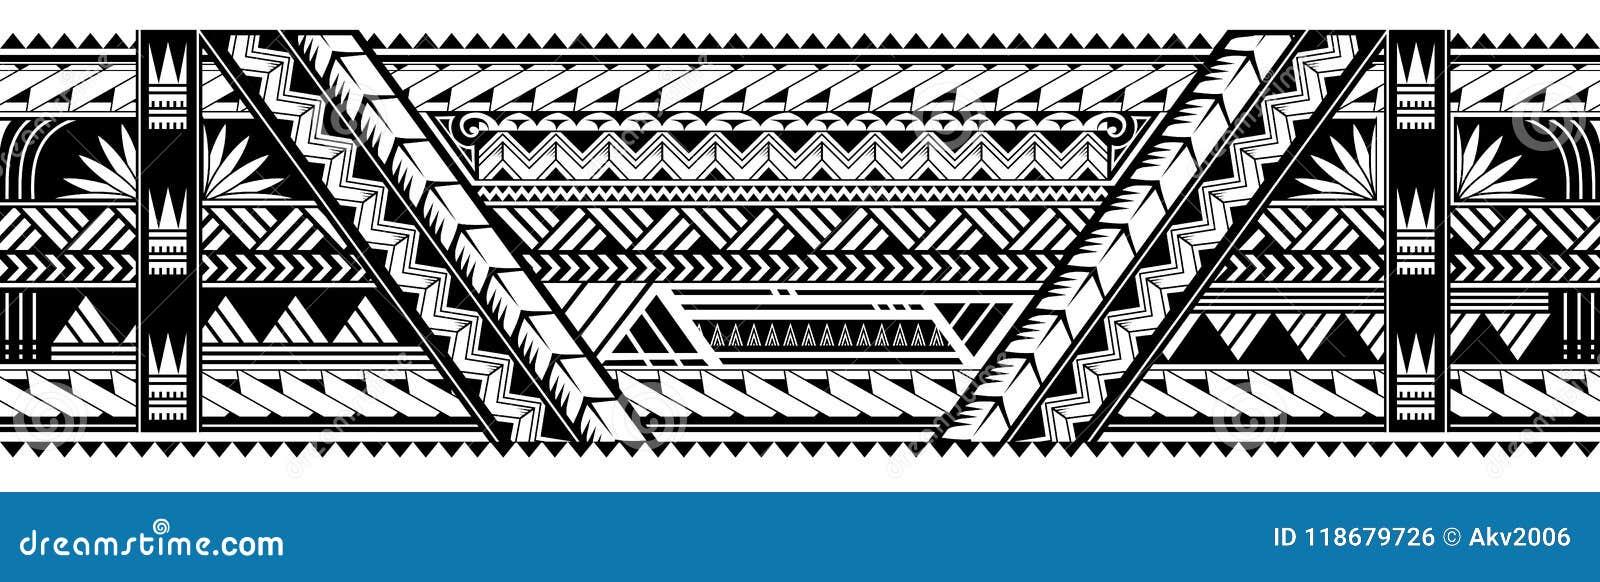 De vorm van de de armbandtatoegering van de Maoristijl